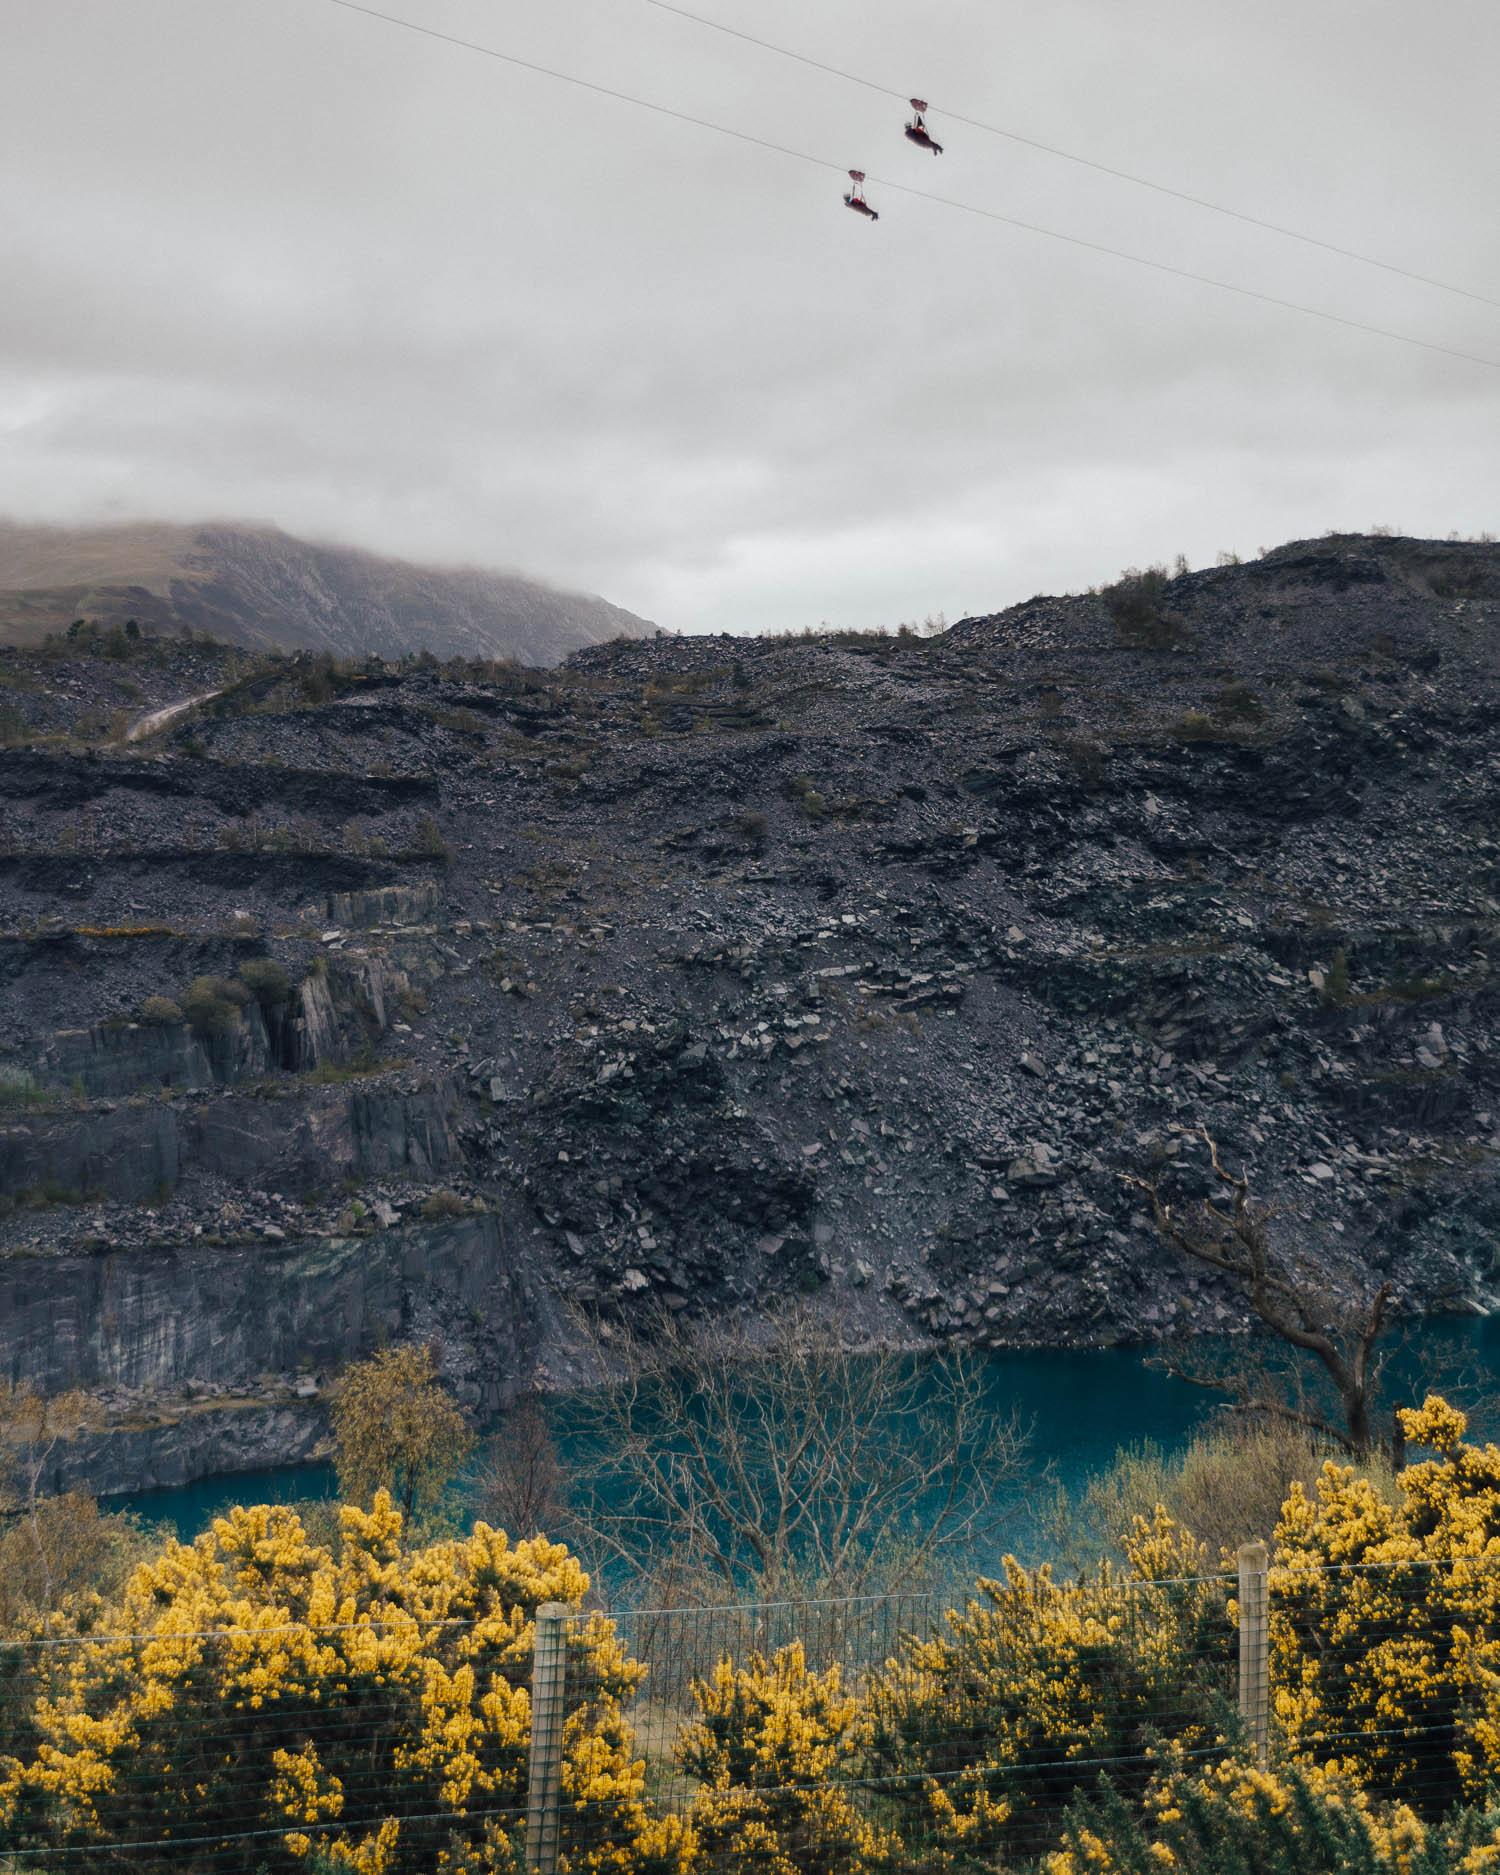 Zipline in Snowdonia, Wales